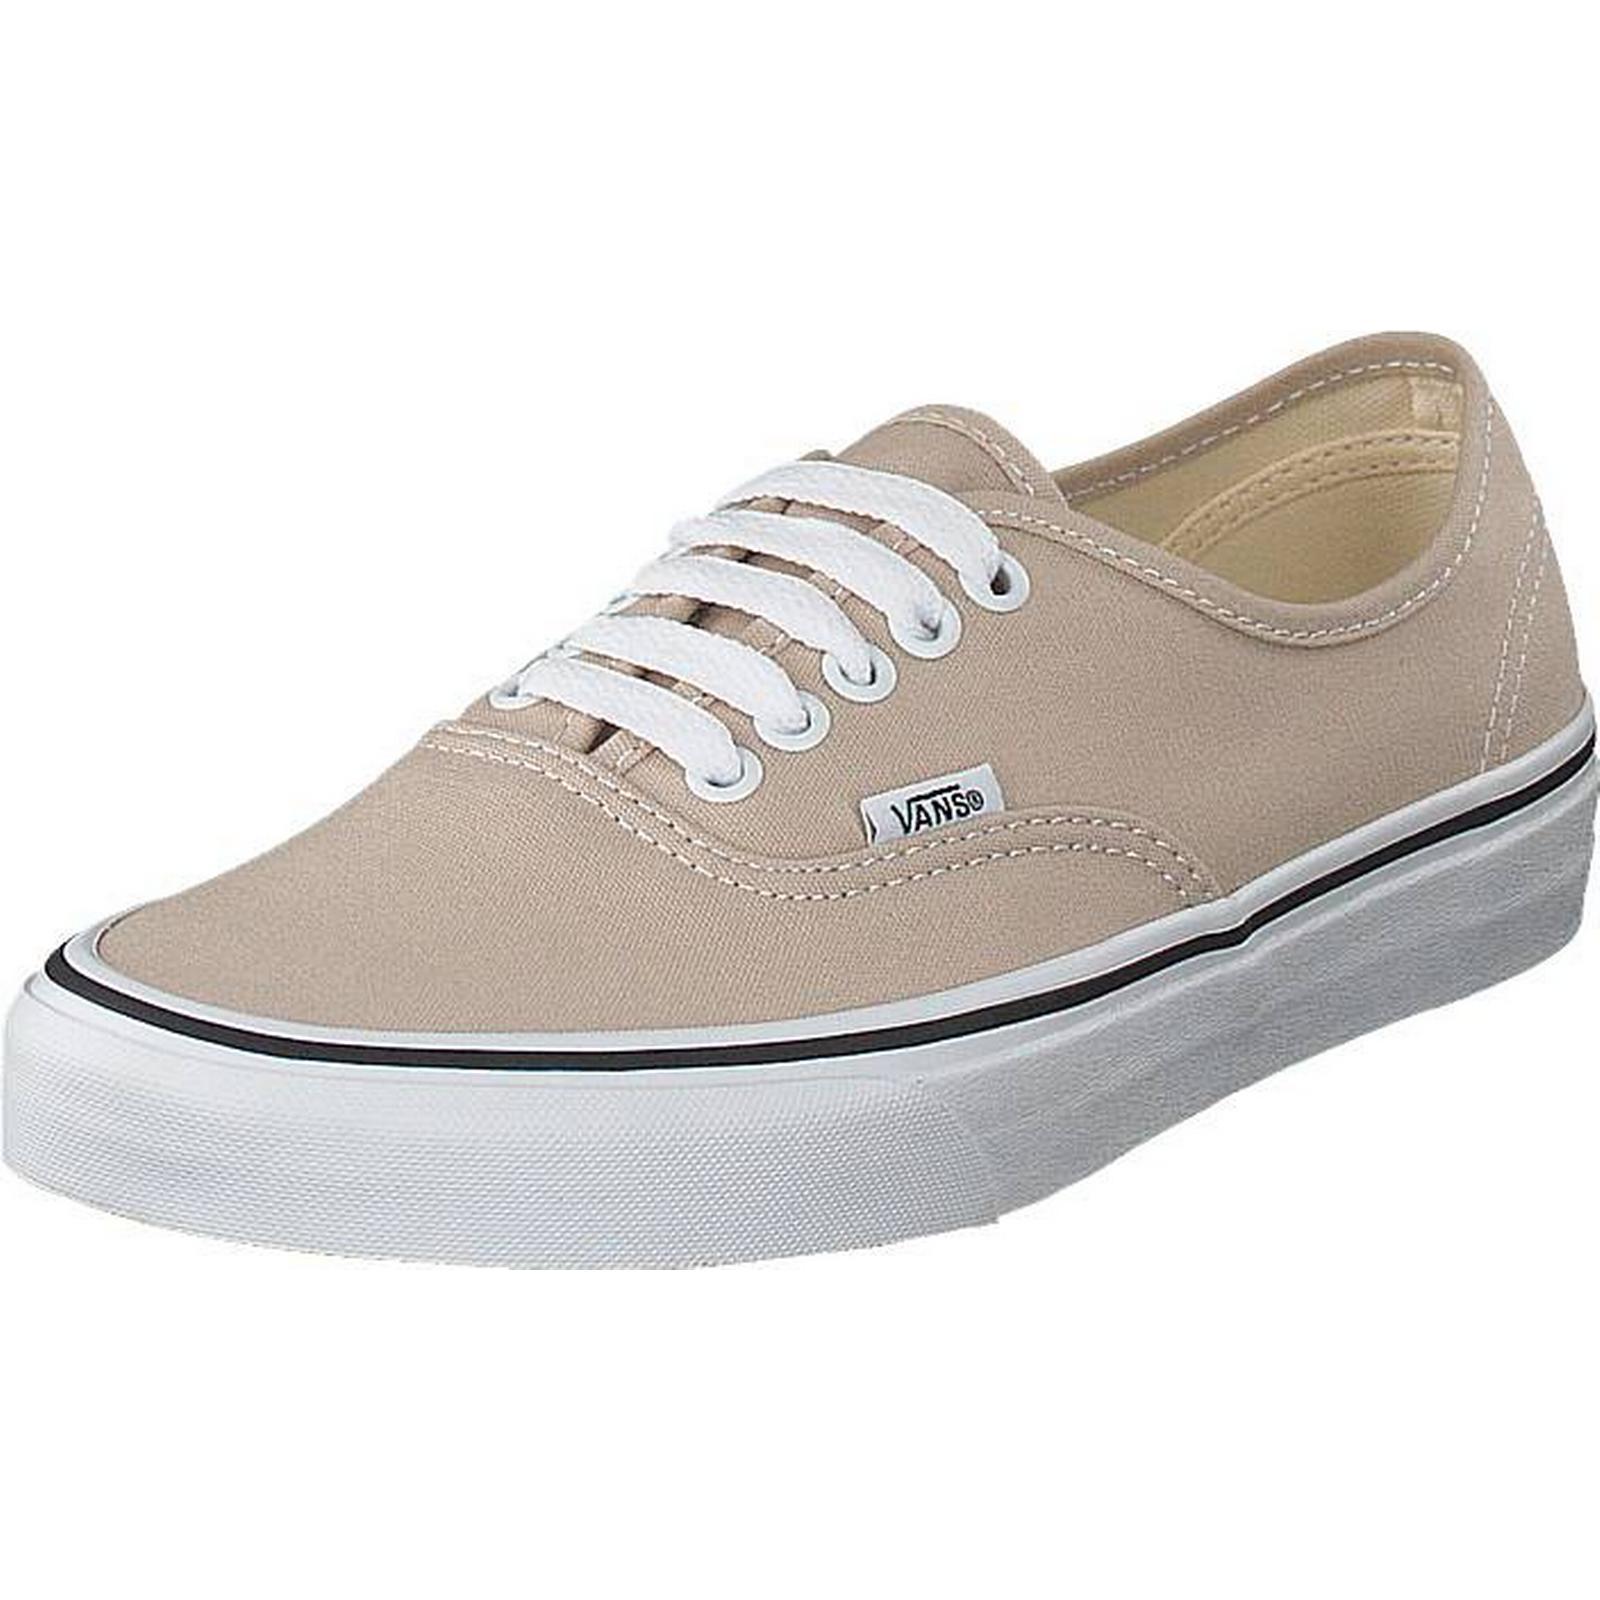 Vans Ua Authentic Silver Lining/true White, Shoes, Flats, Plimsolls, Beige, Brown, Beige, Plimsolls, Unisex, 40 38d8d8